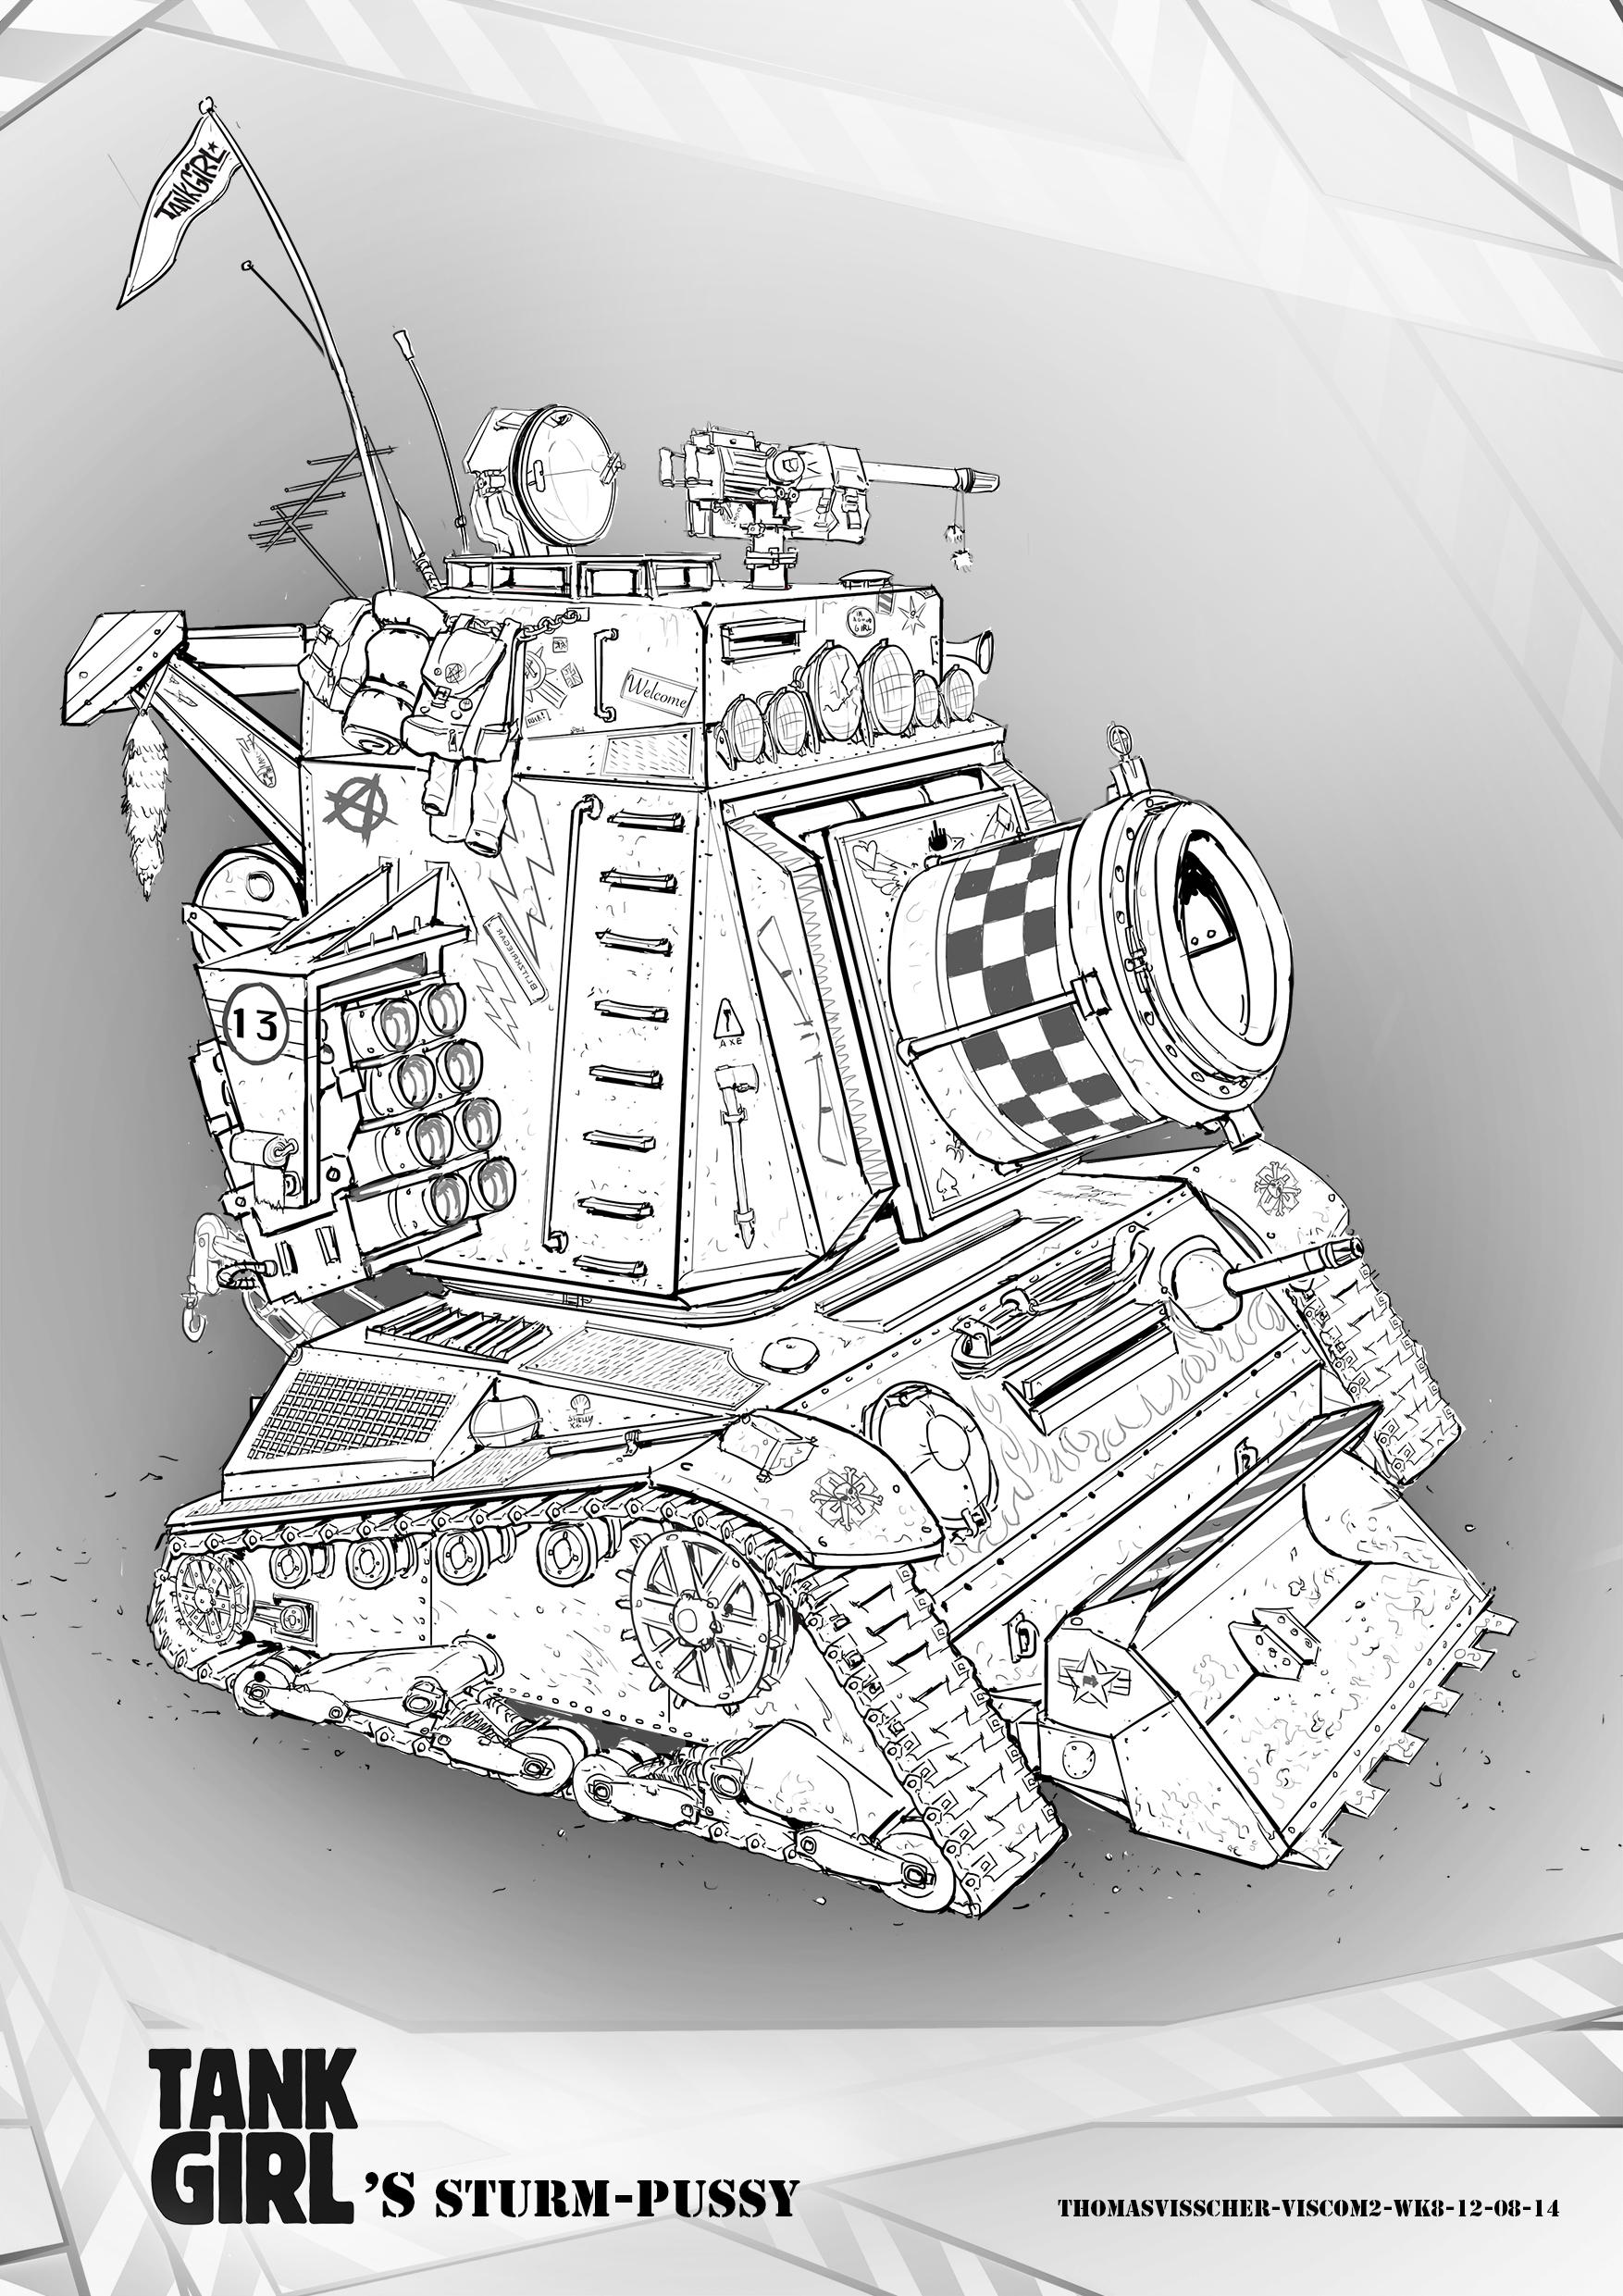 Sturmpussy- full tank